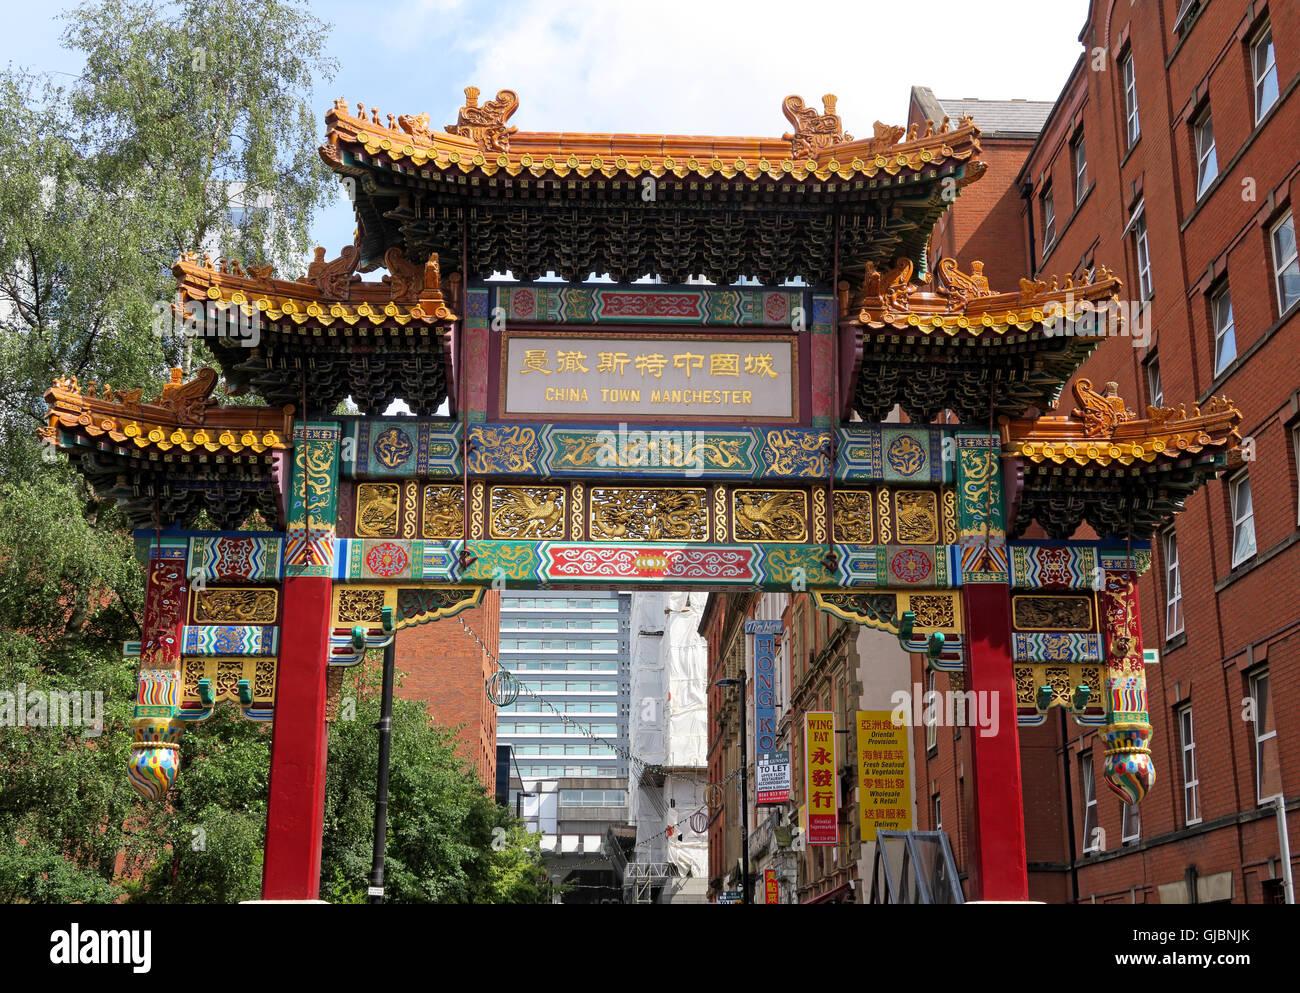 Laden Sie dieses Alamy Stockfoto Torbogen (paifang), Manchester Chinatown, Faulkner Street, City Centre, Manchester, North West England, Großbritannien - GJBNJK